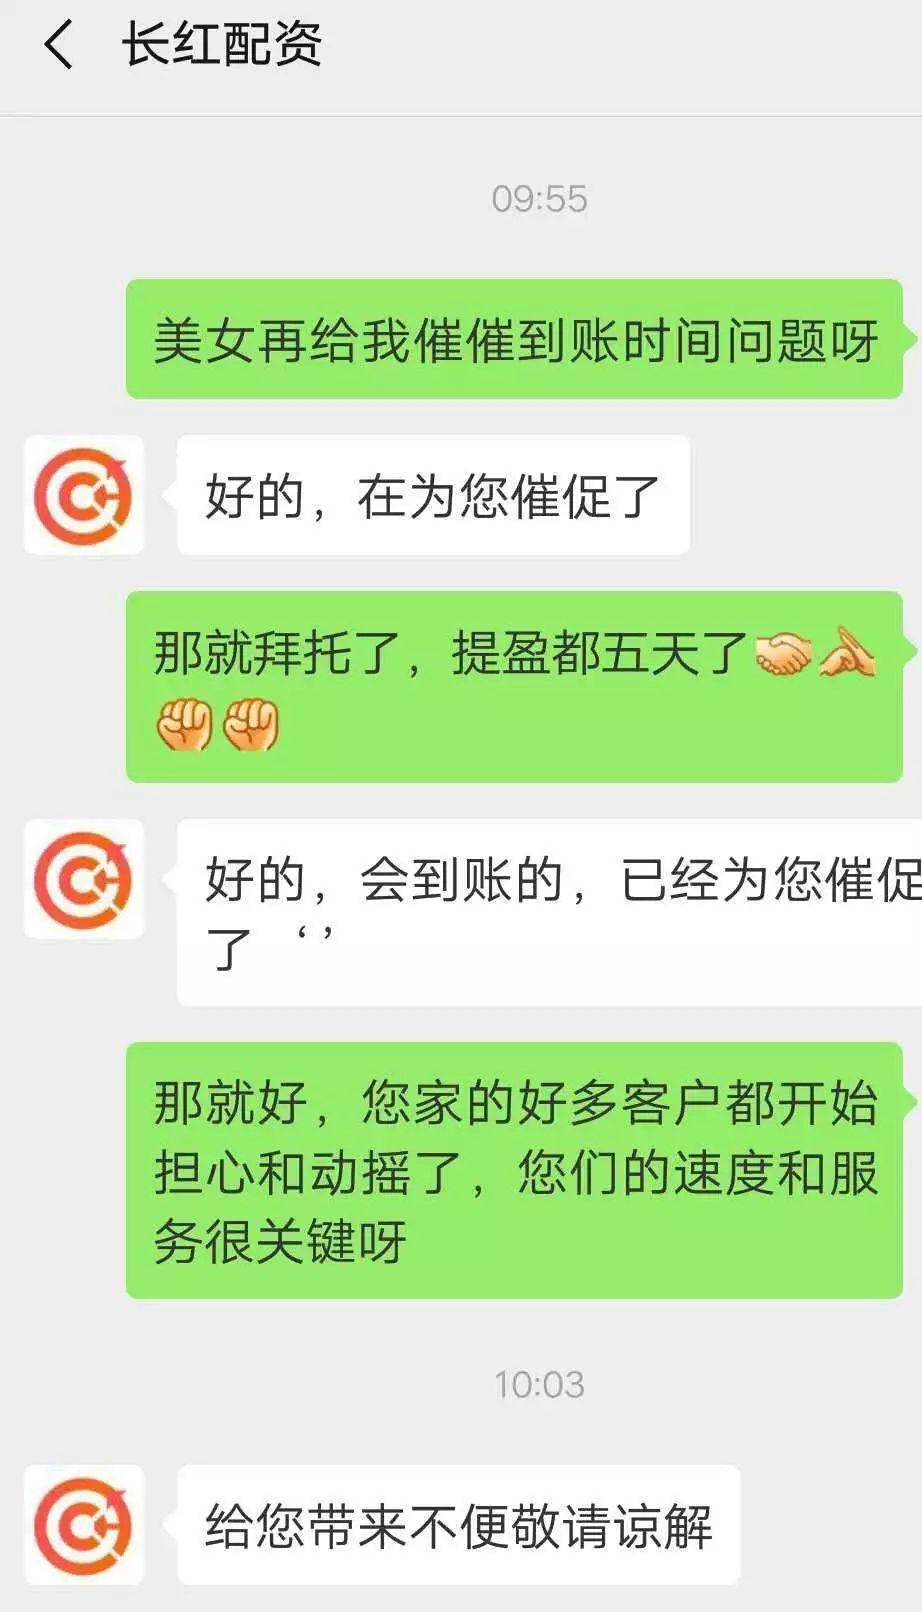 海南配资平台排名前十图:又有配资跑路!海南郑州爆完广州爆,10倍杠杆!